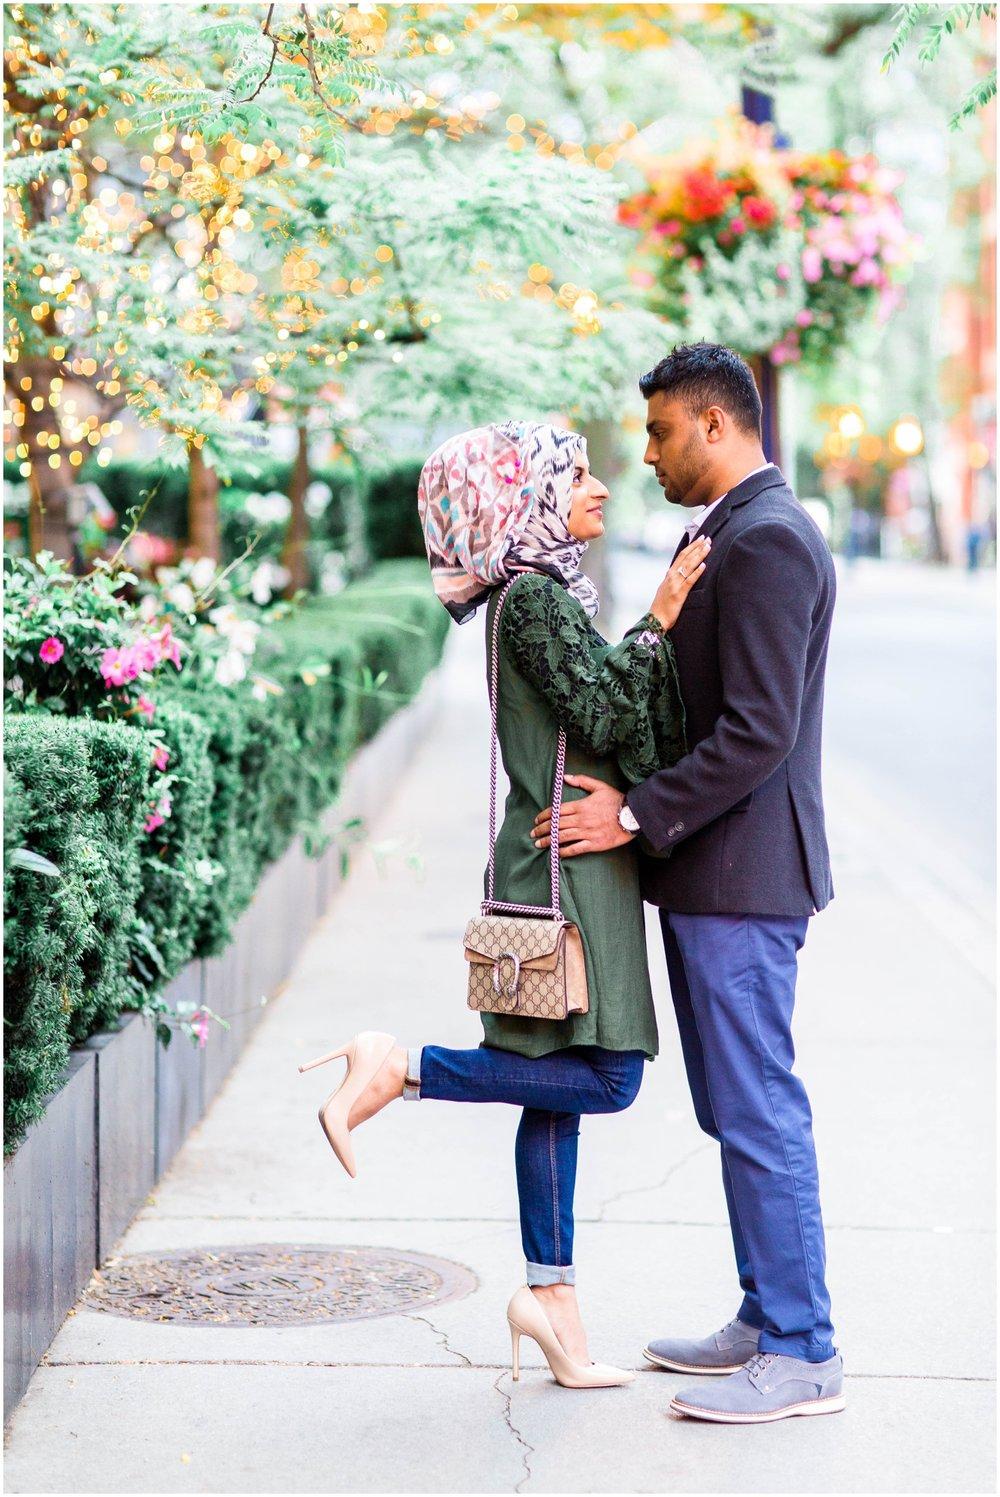 2017-Engagements-Toronto-Mississauga-GTA-Pakistani-Indian-Wedding-Photography-Photographer_0017.jpg